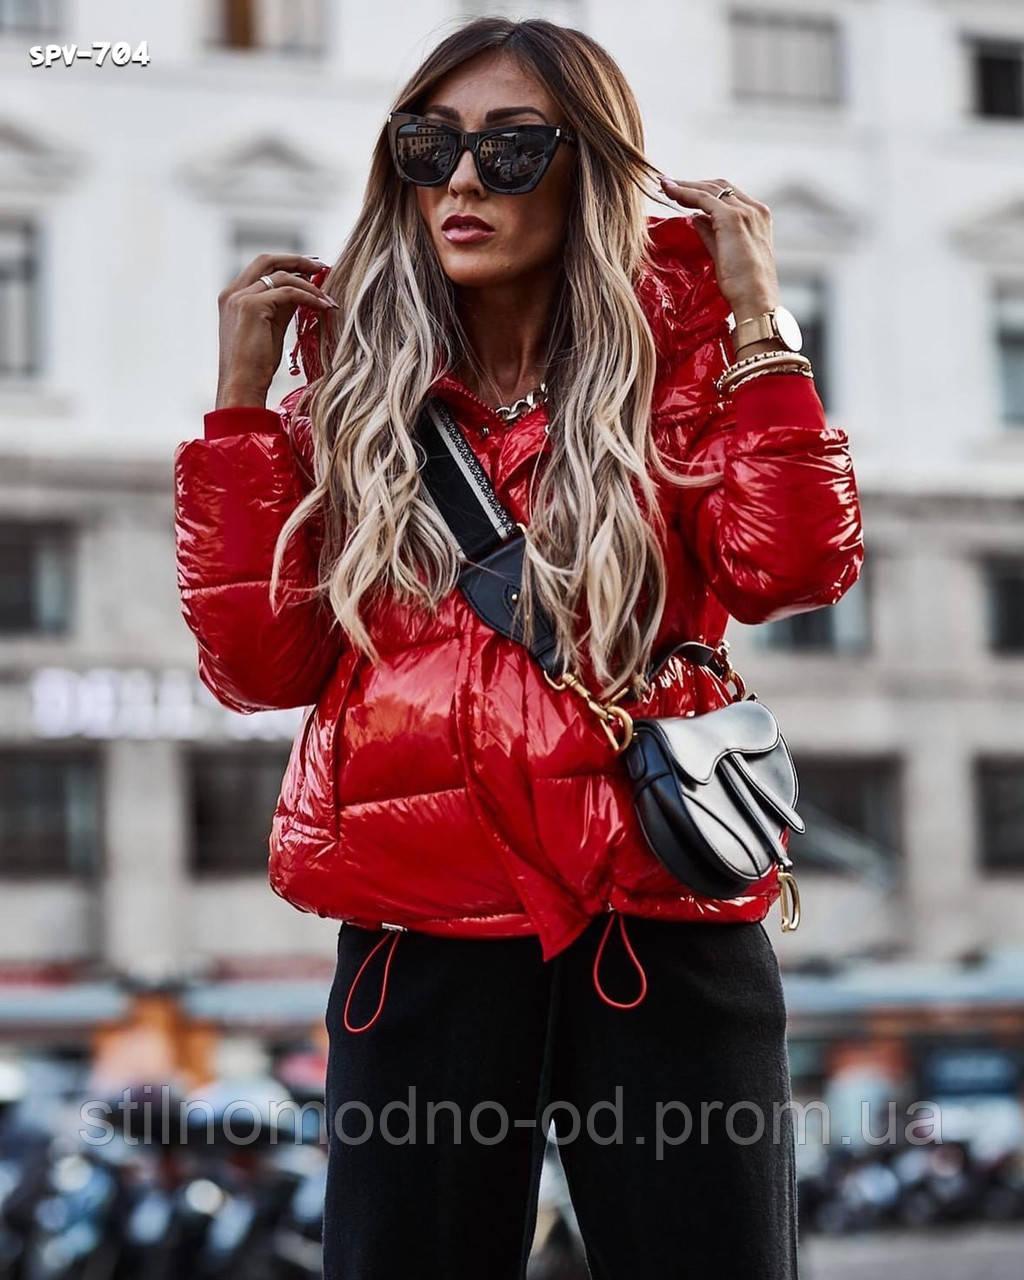 """Жіноча куртка """"Пікасо"""" від Стильномодно"""